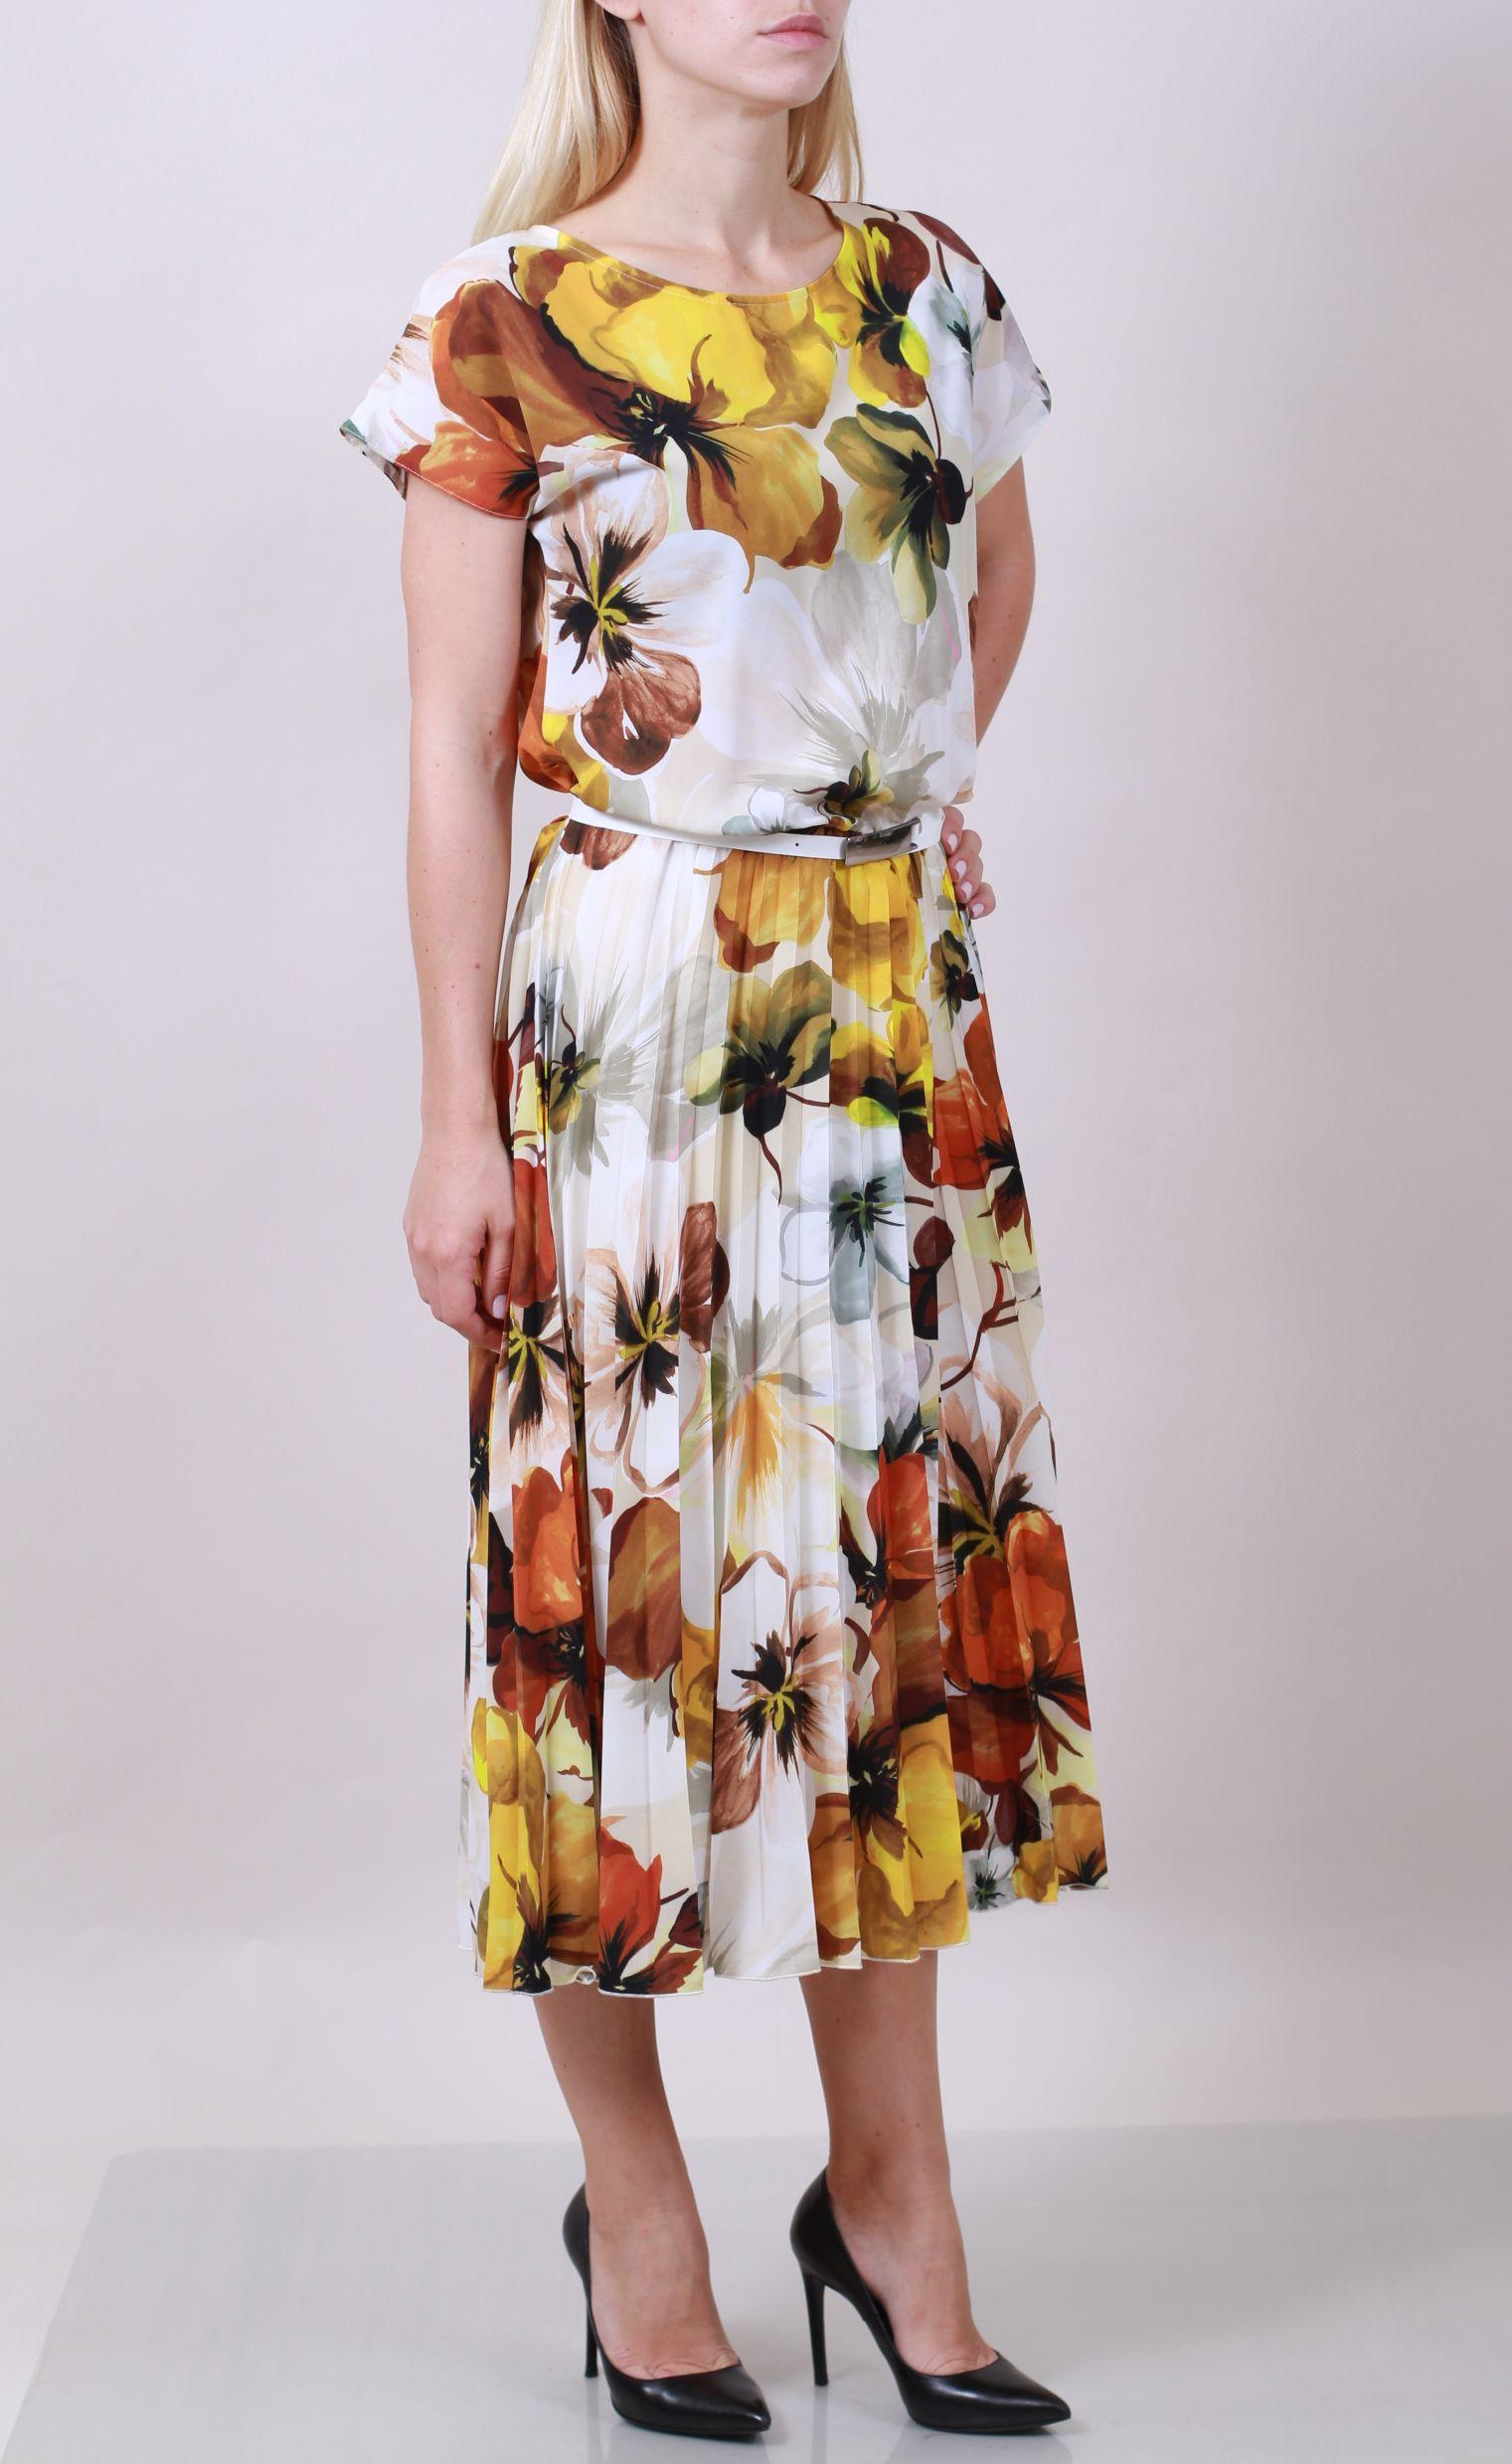 Женская одежда – Новинки 2019 ⋆ Интернет-магазин Keep